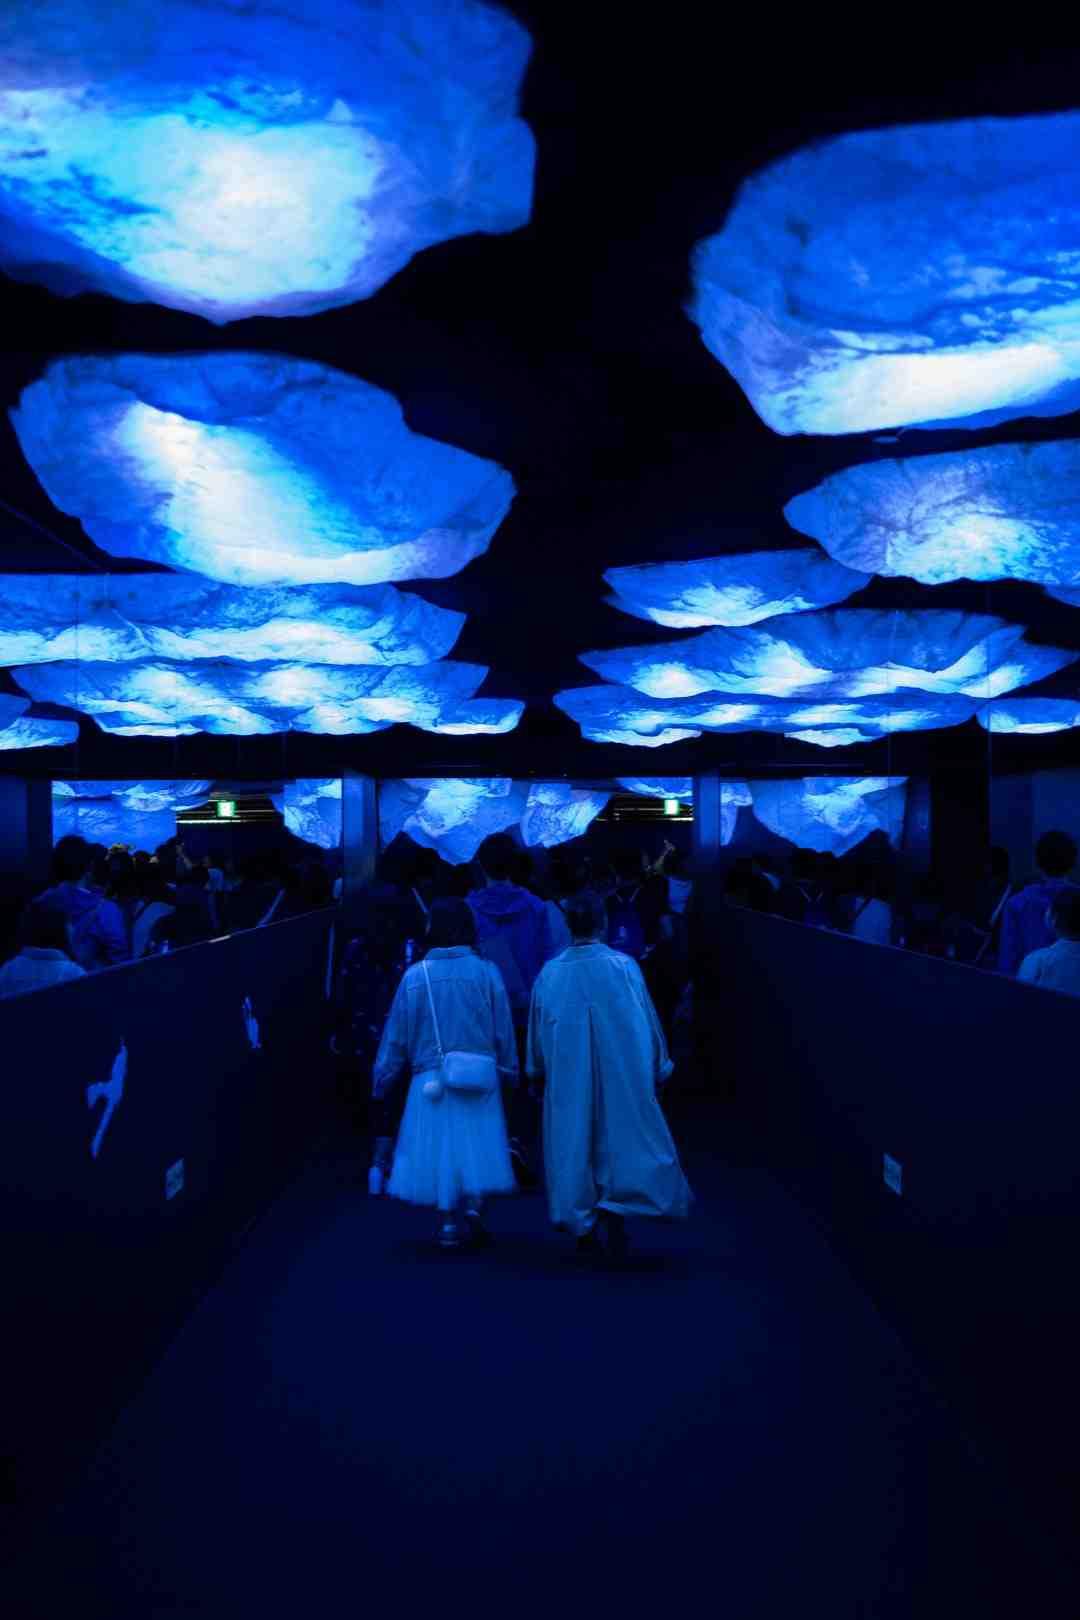 Quel éclairage LED pour aquarium?